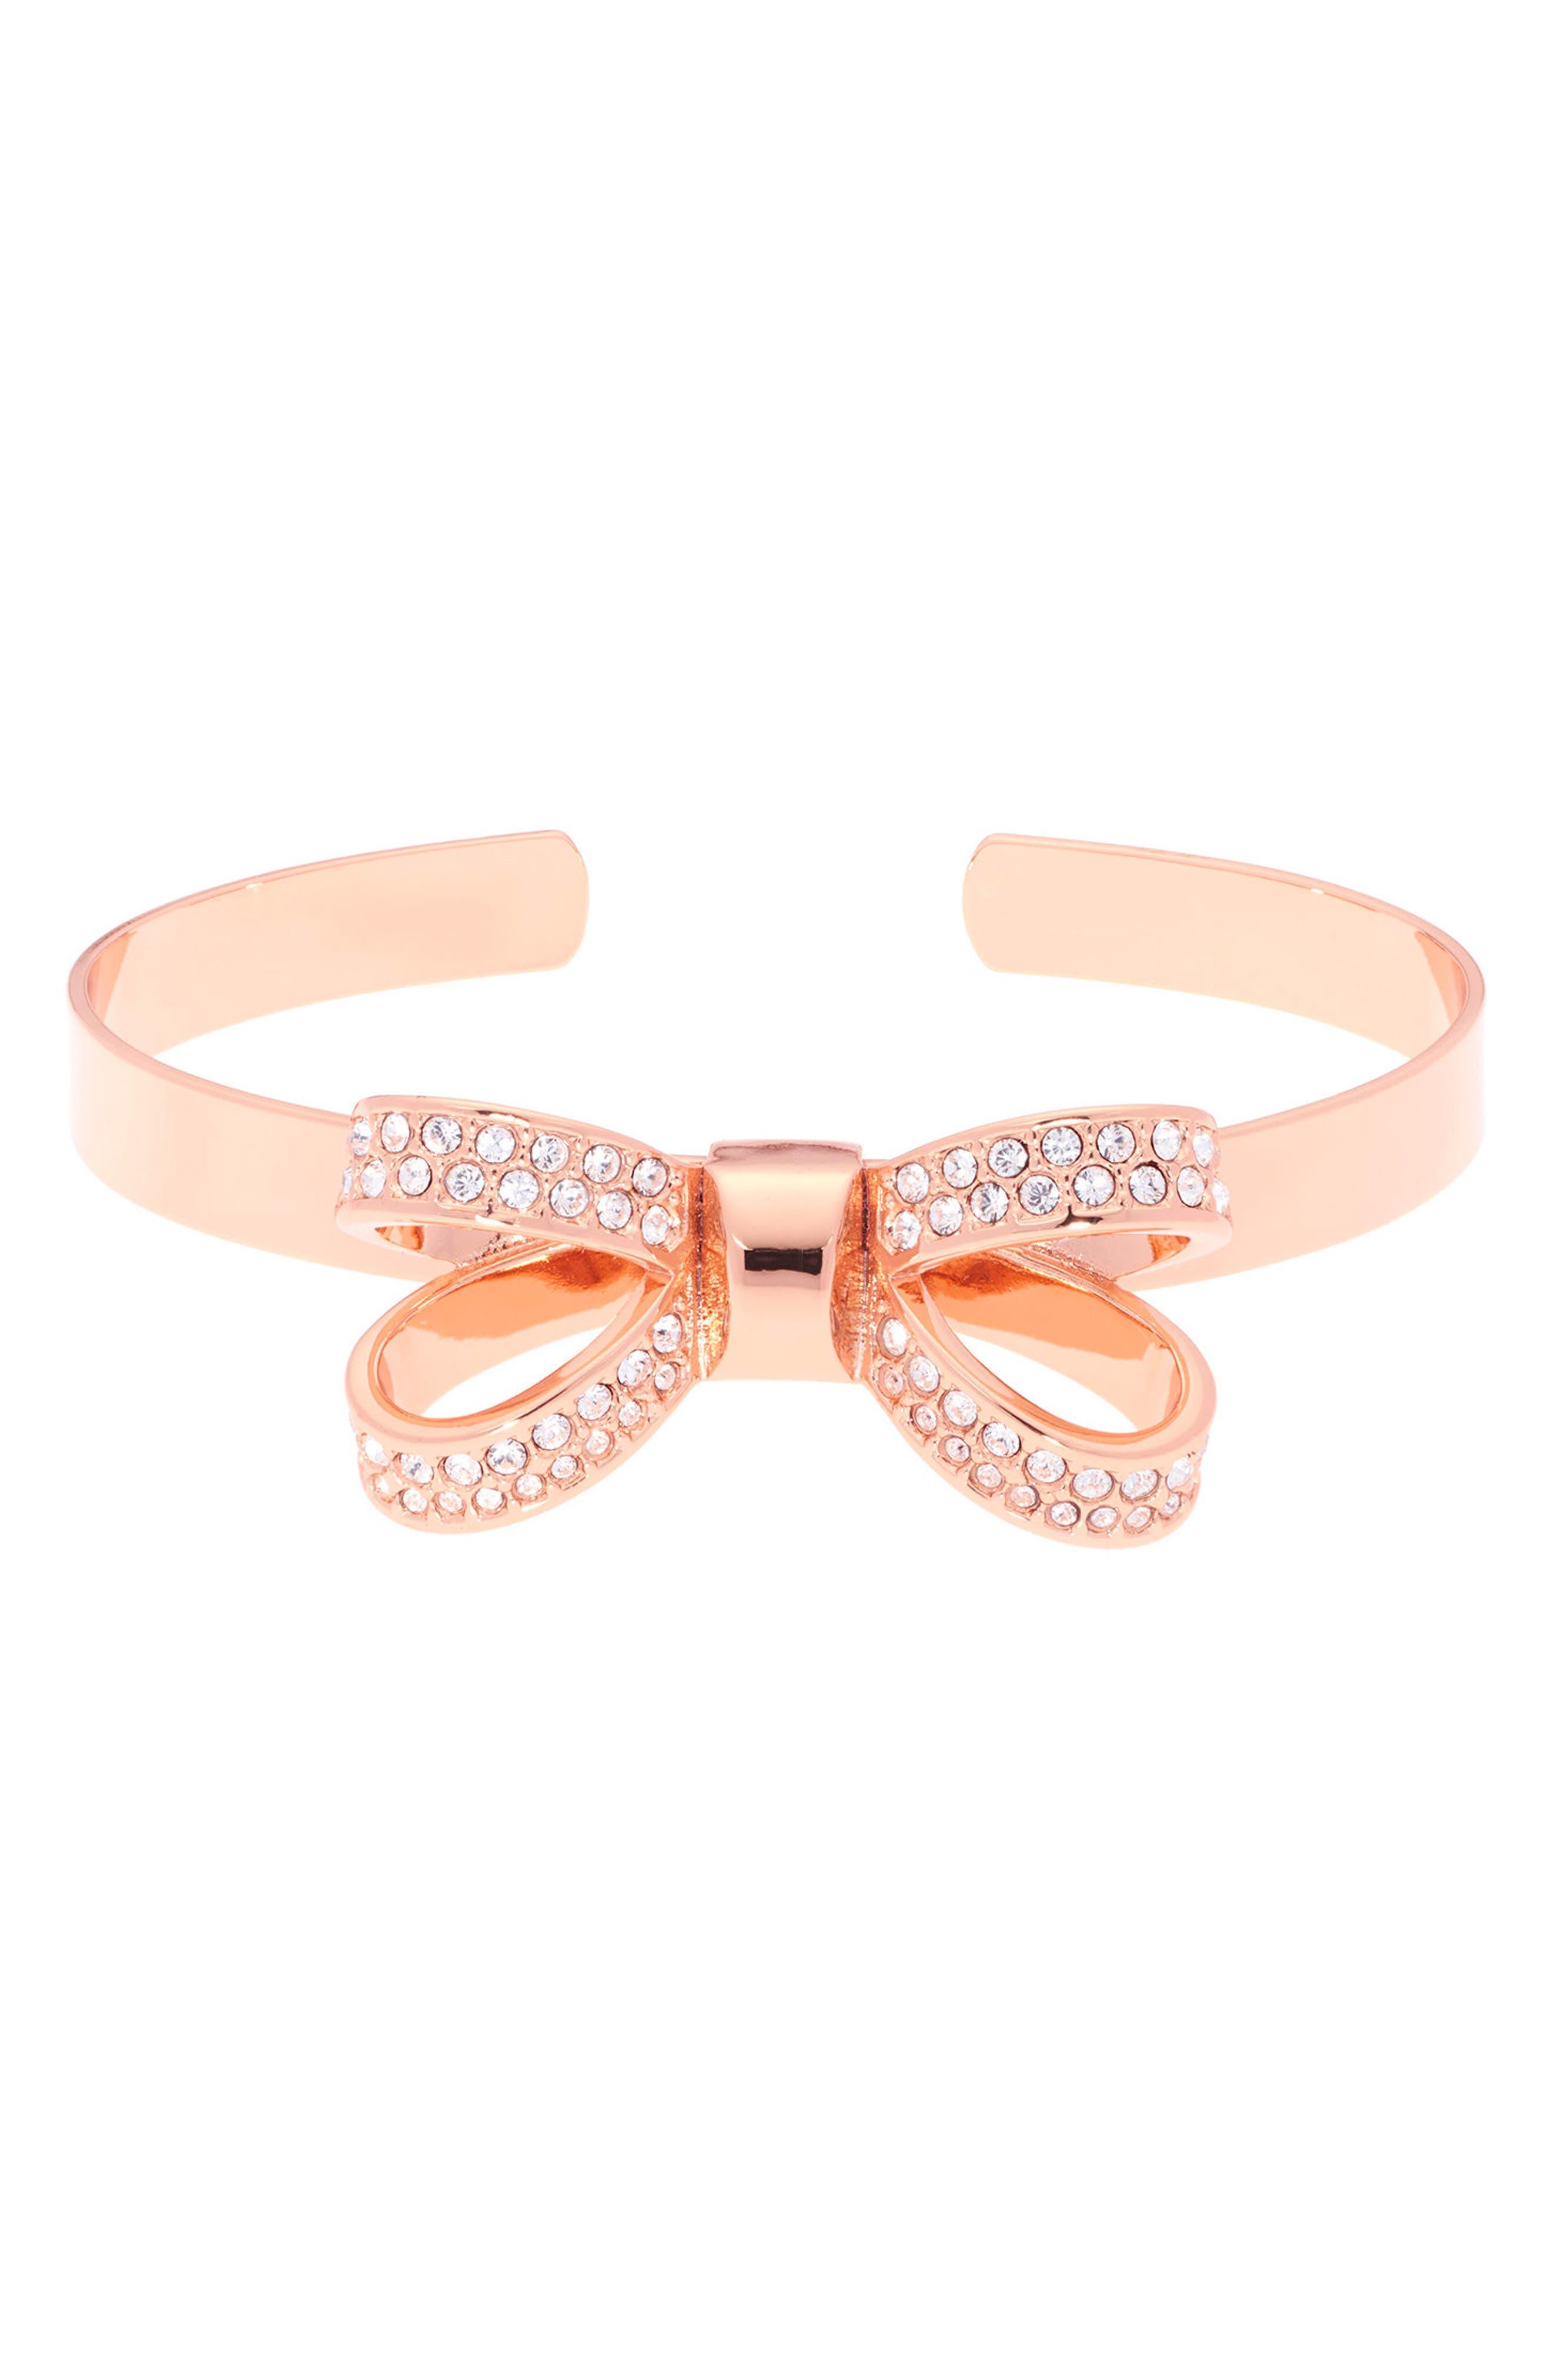 Opulent Pavé Bow Cuff Bracelet,                         Main,                         color, Rose Gold